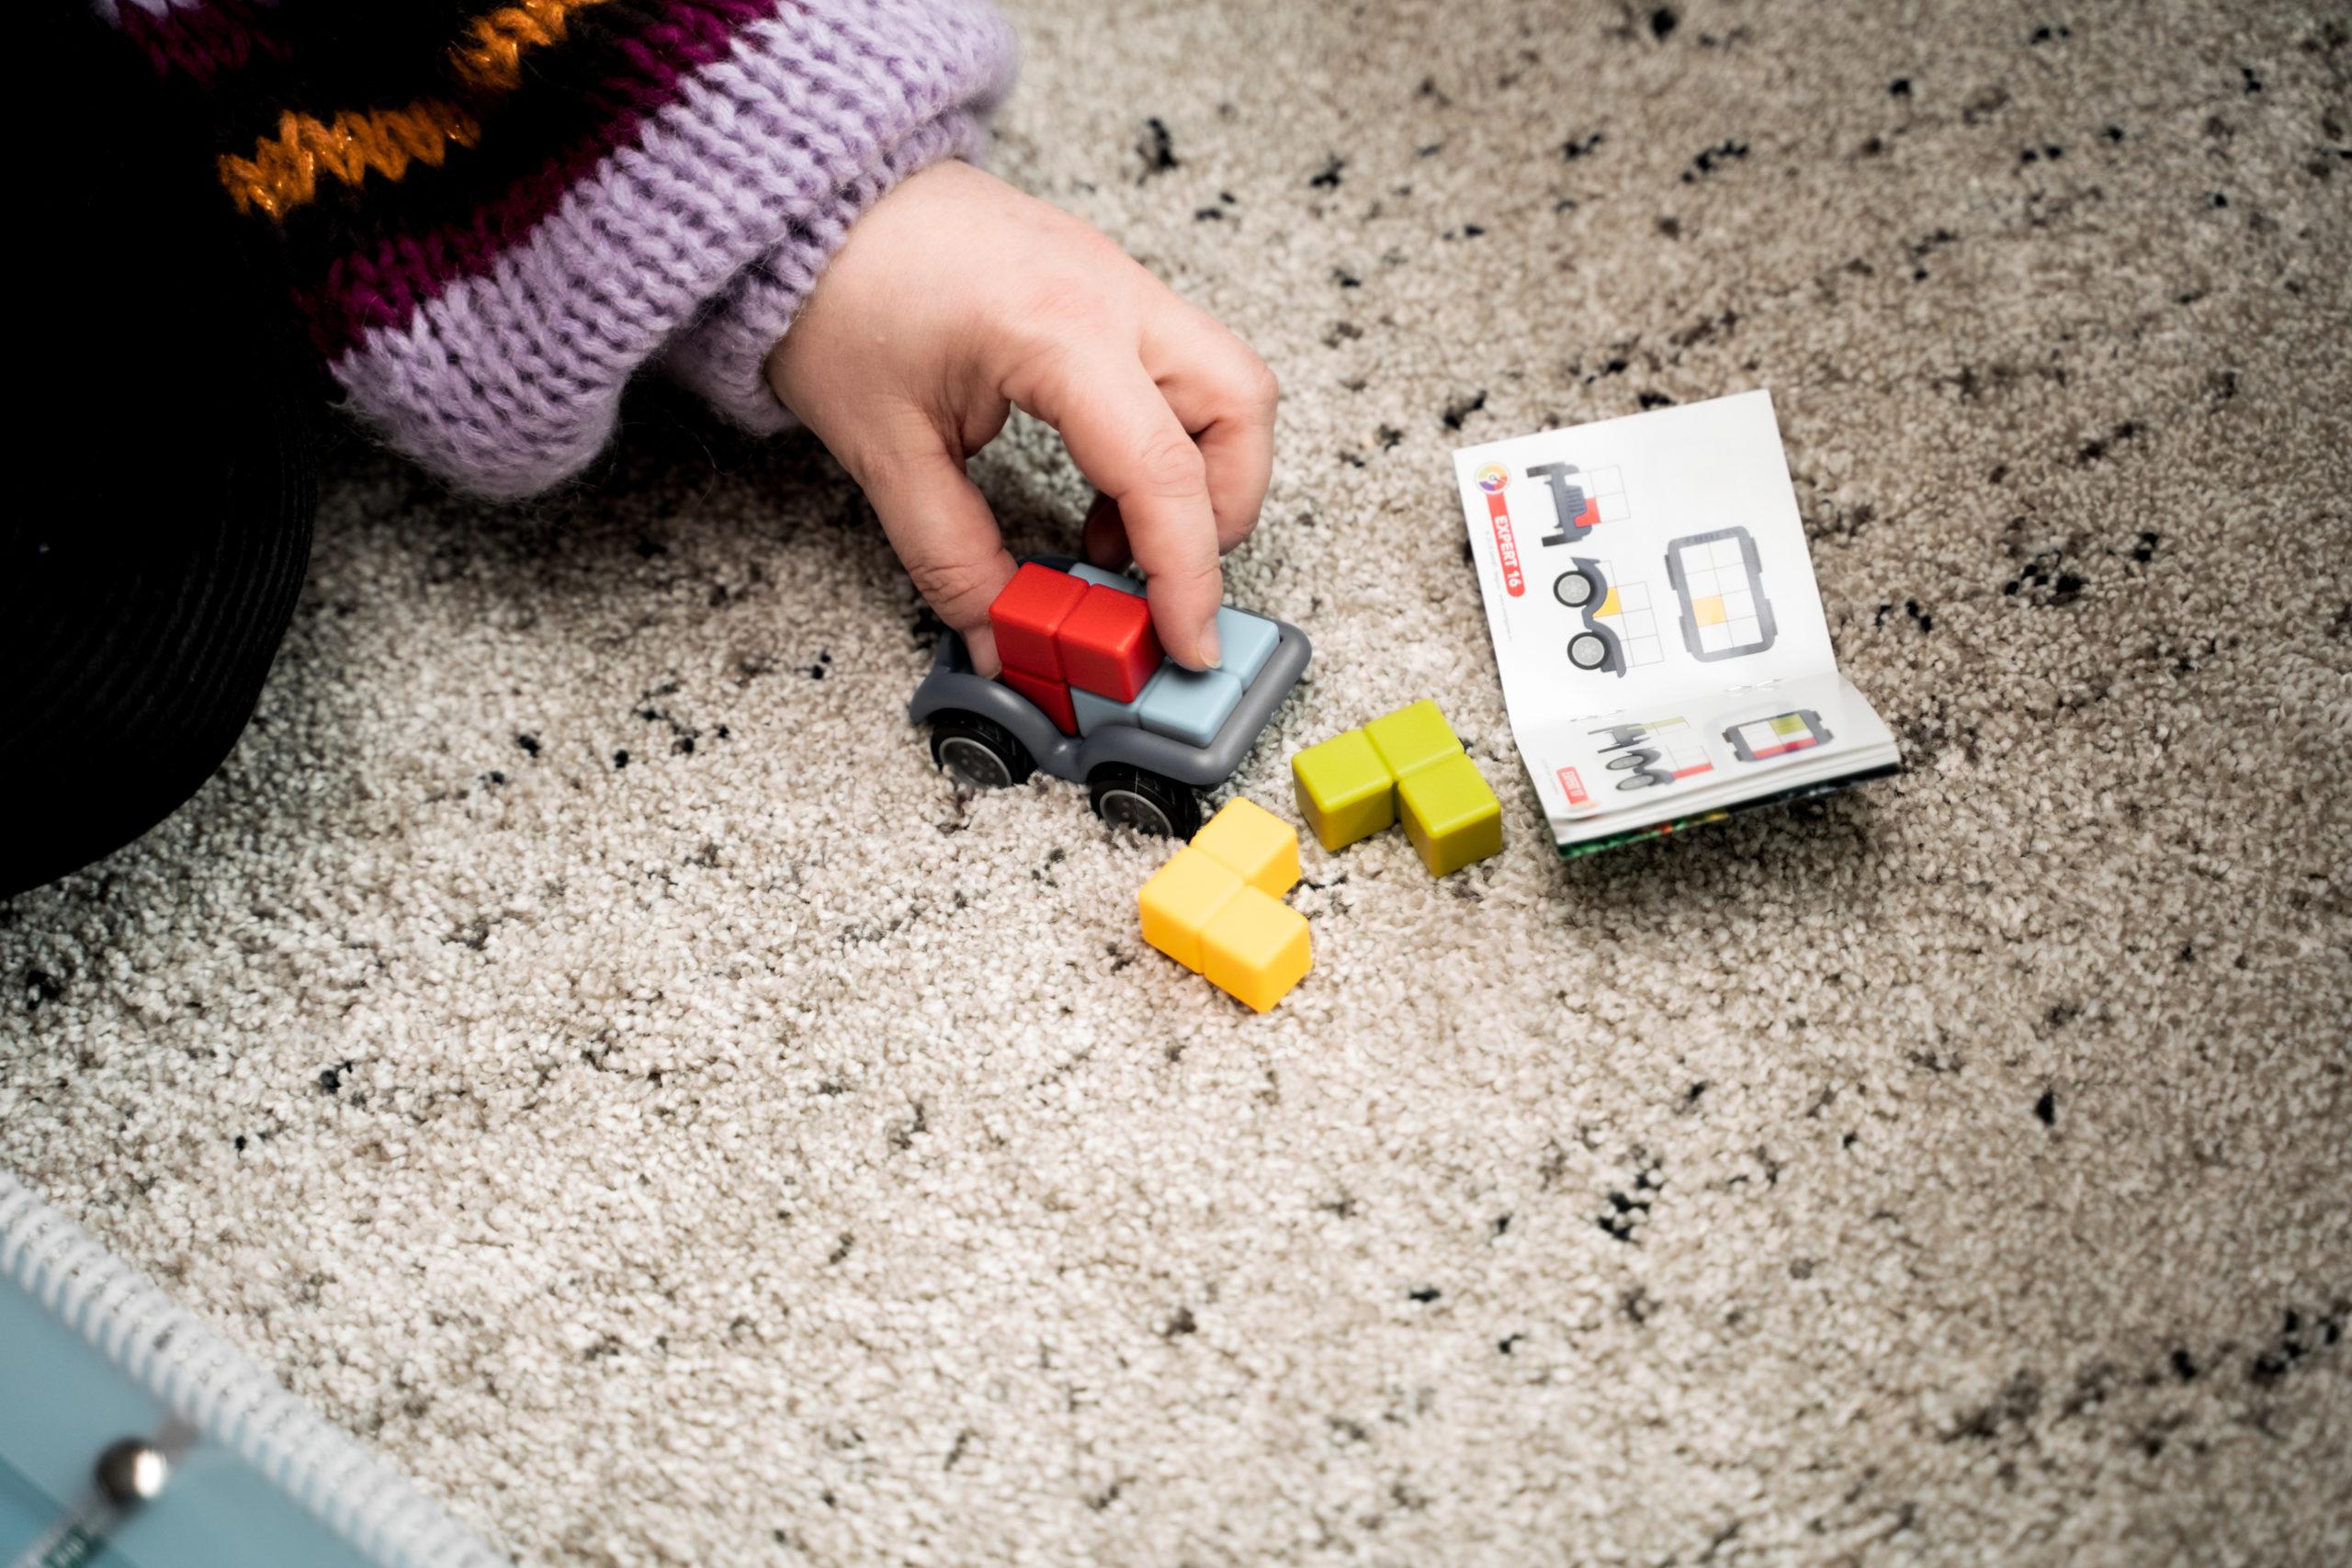 Het Belgische SmartGames ontwikkelt leerzame spellen. Diverse spellen zijn al eens genomineerd voor speelgoed van het jaar en wij delen onze ervaring.